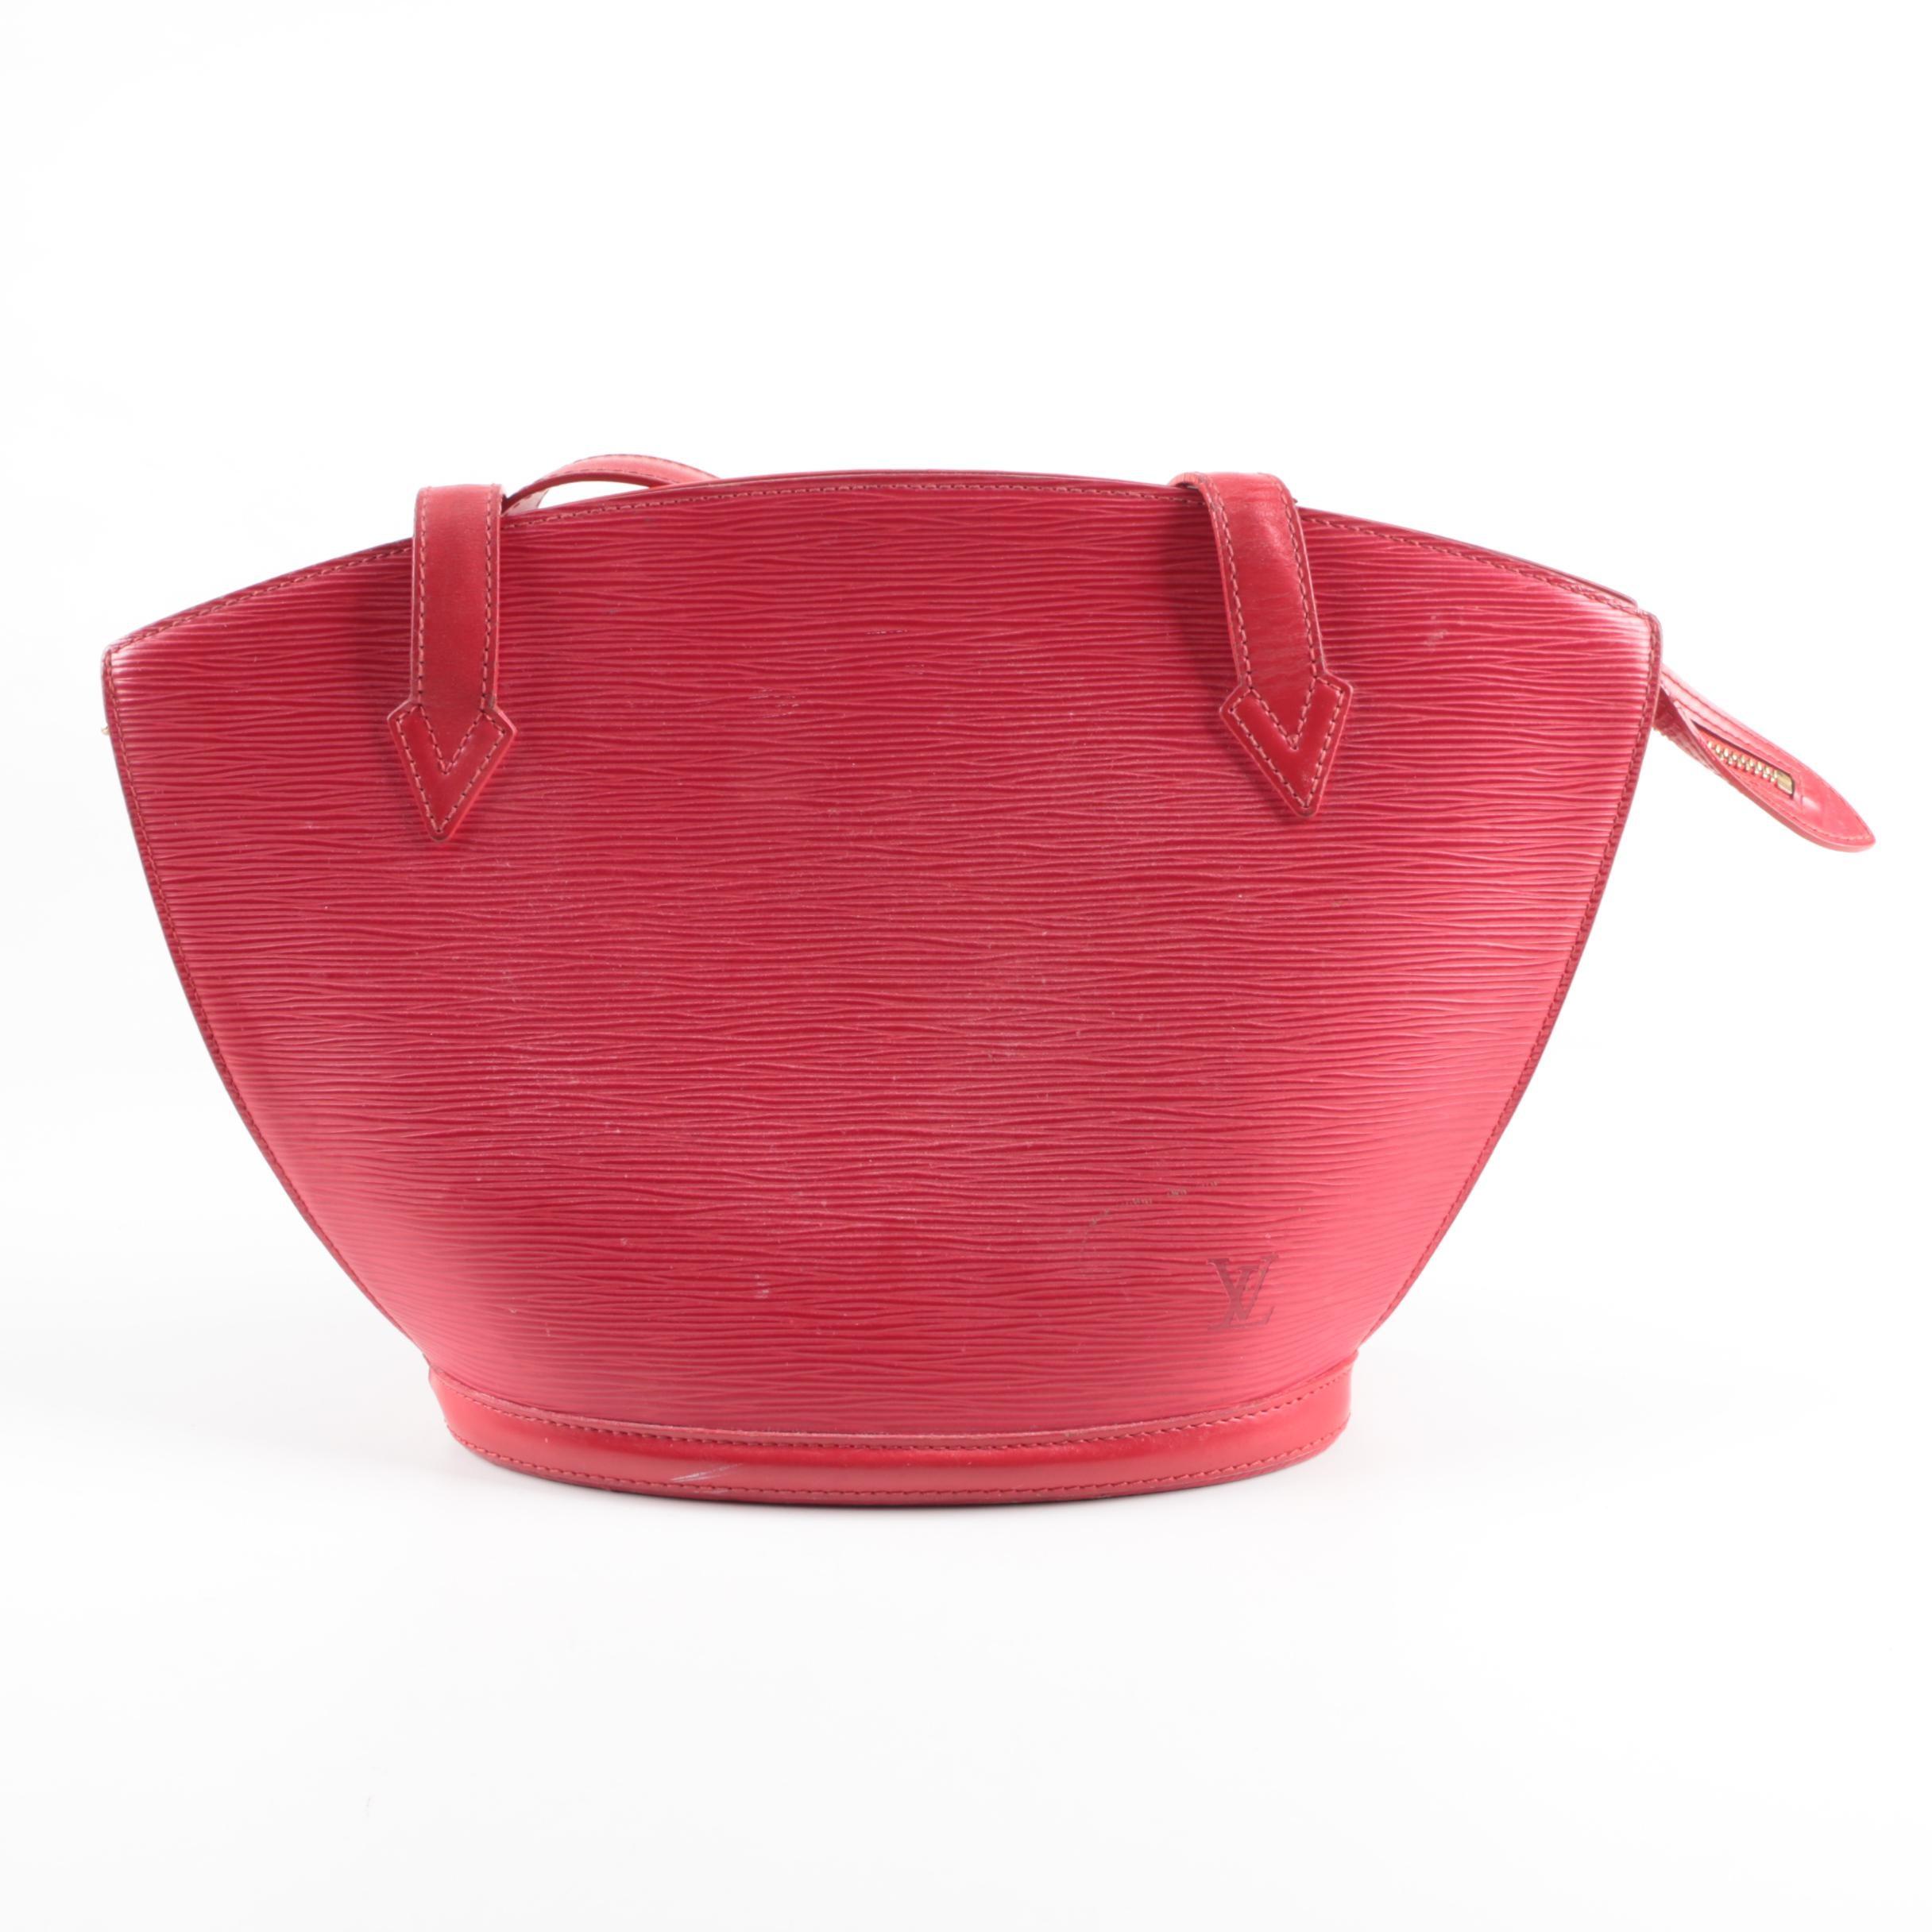 Louis Vuitton Saint Jacques Epi Leather Handbag